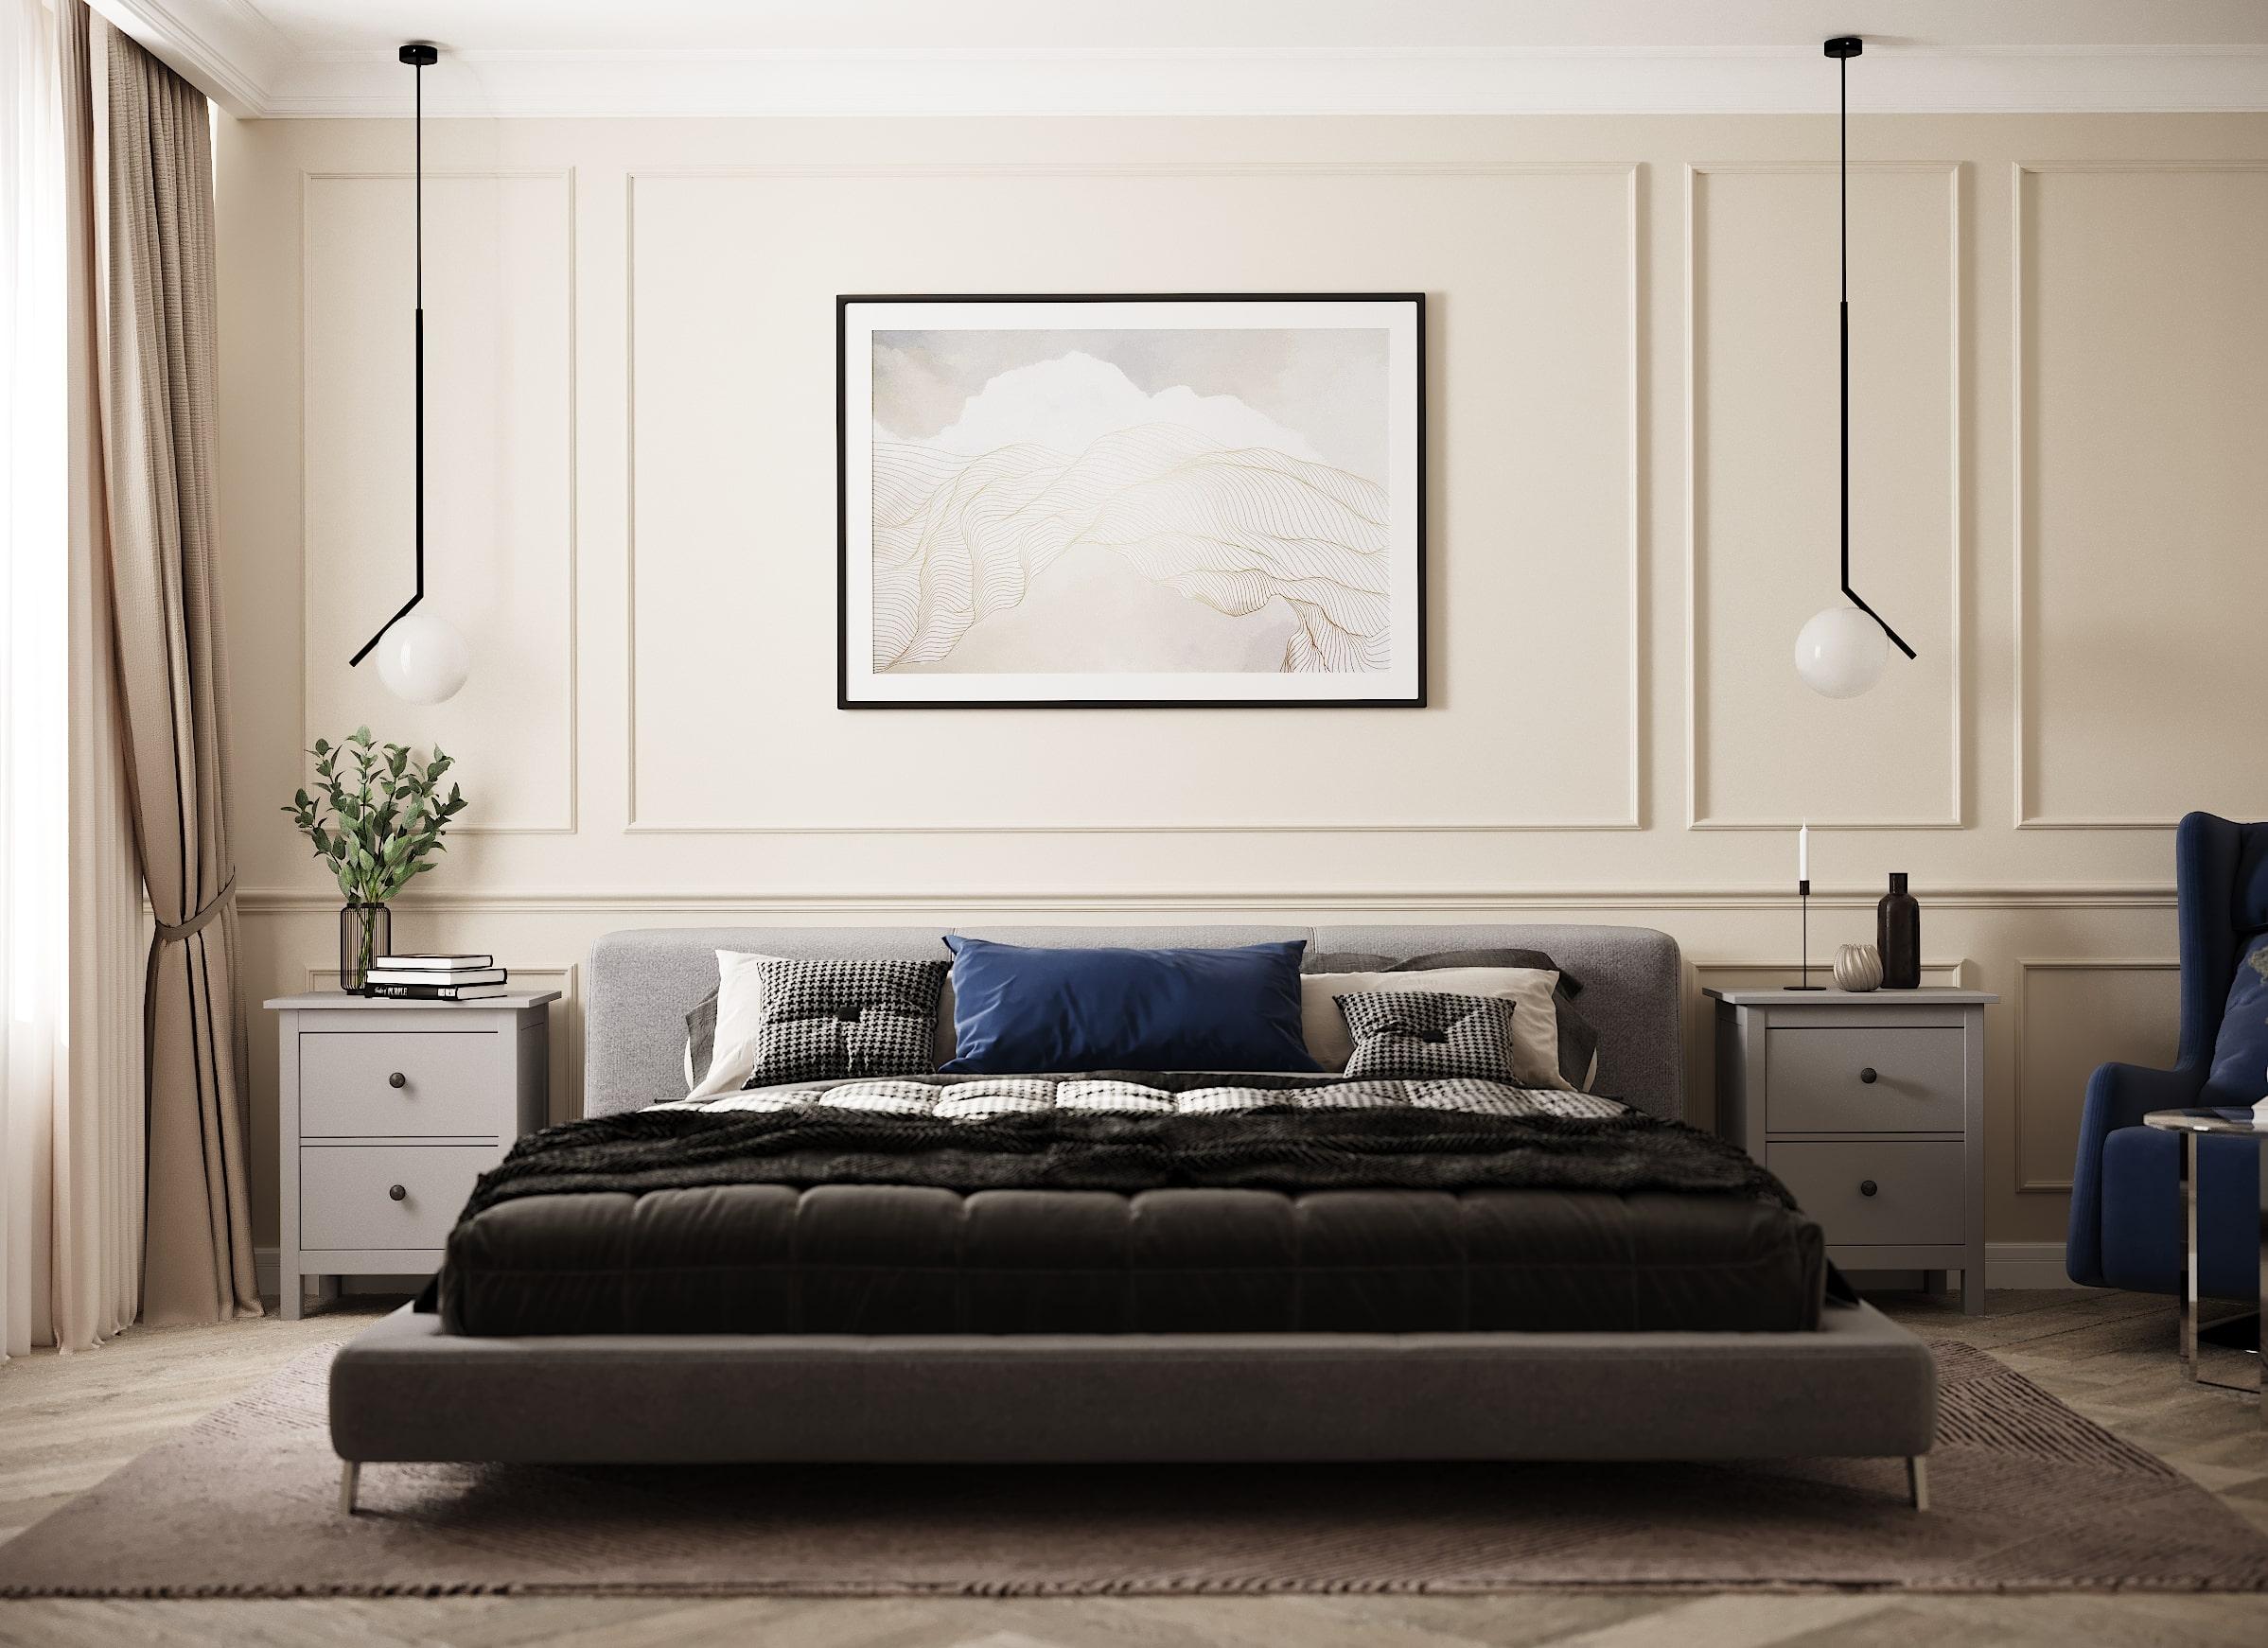 Дизайн интерьера шоурума постельного белья